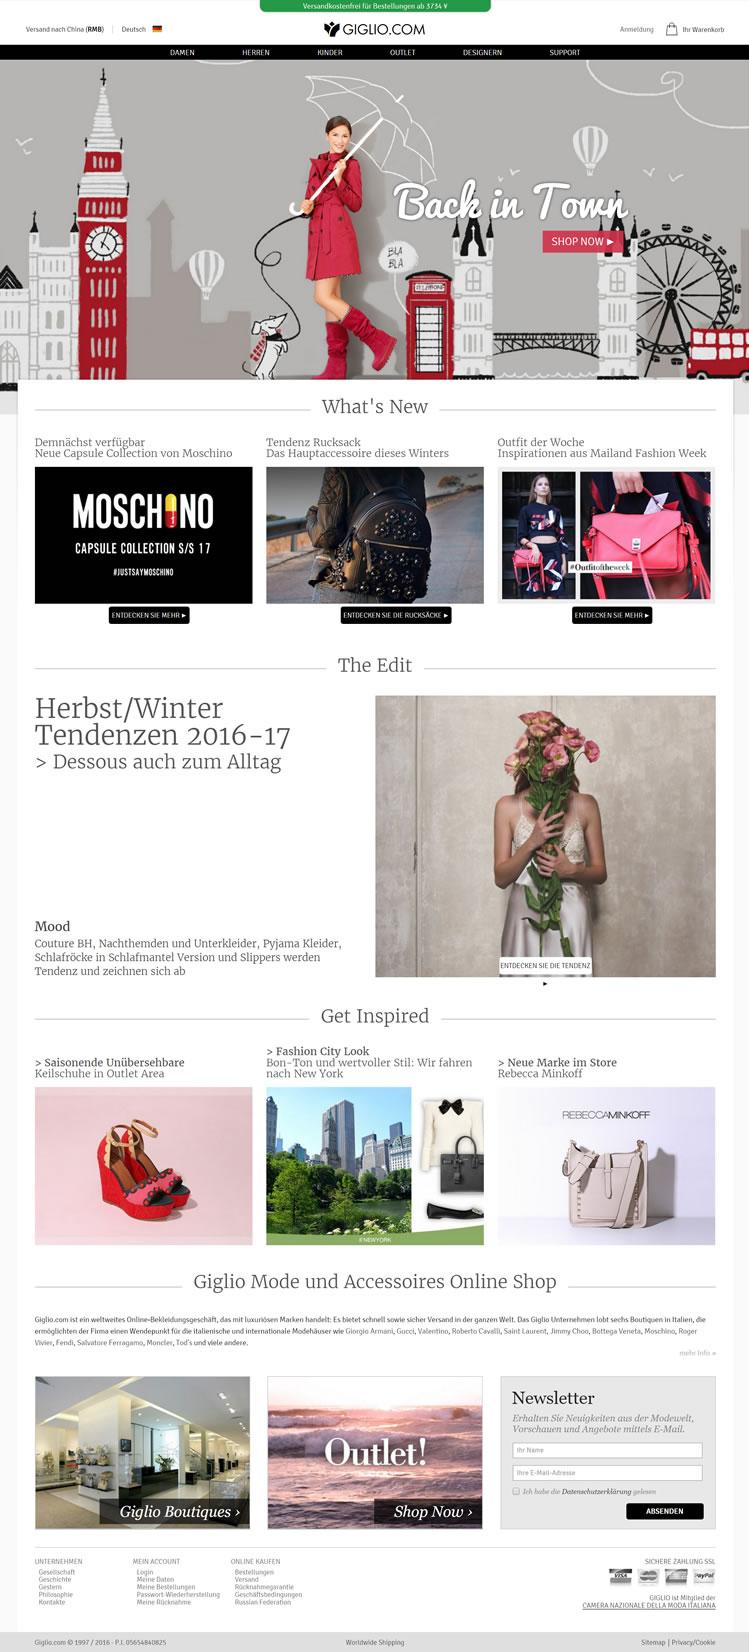 Giglio德国网上精品店:奢侈品服装和配件